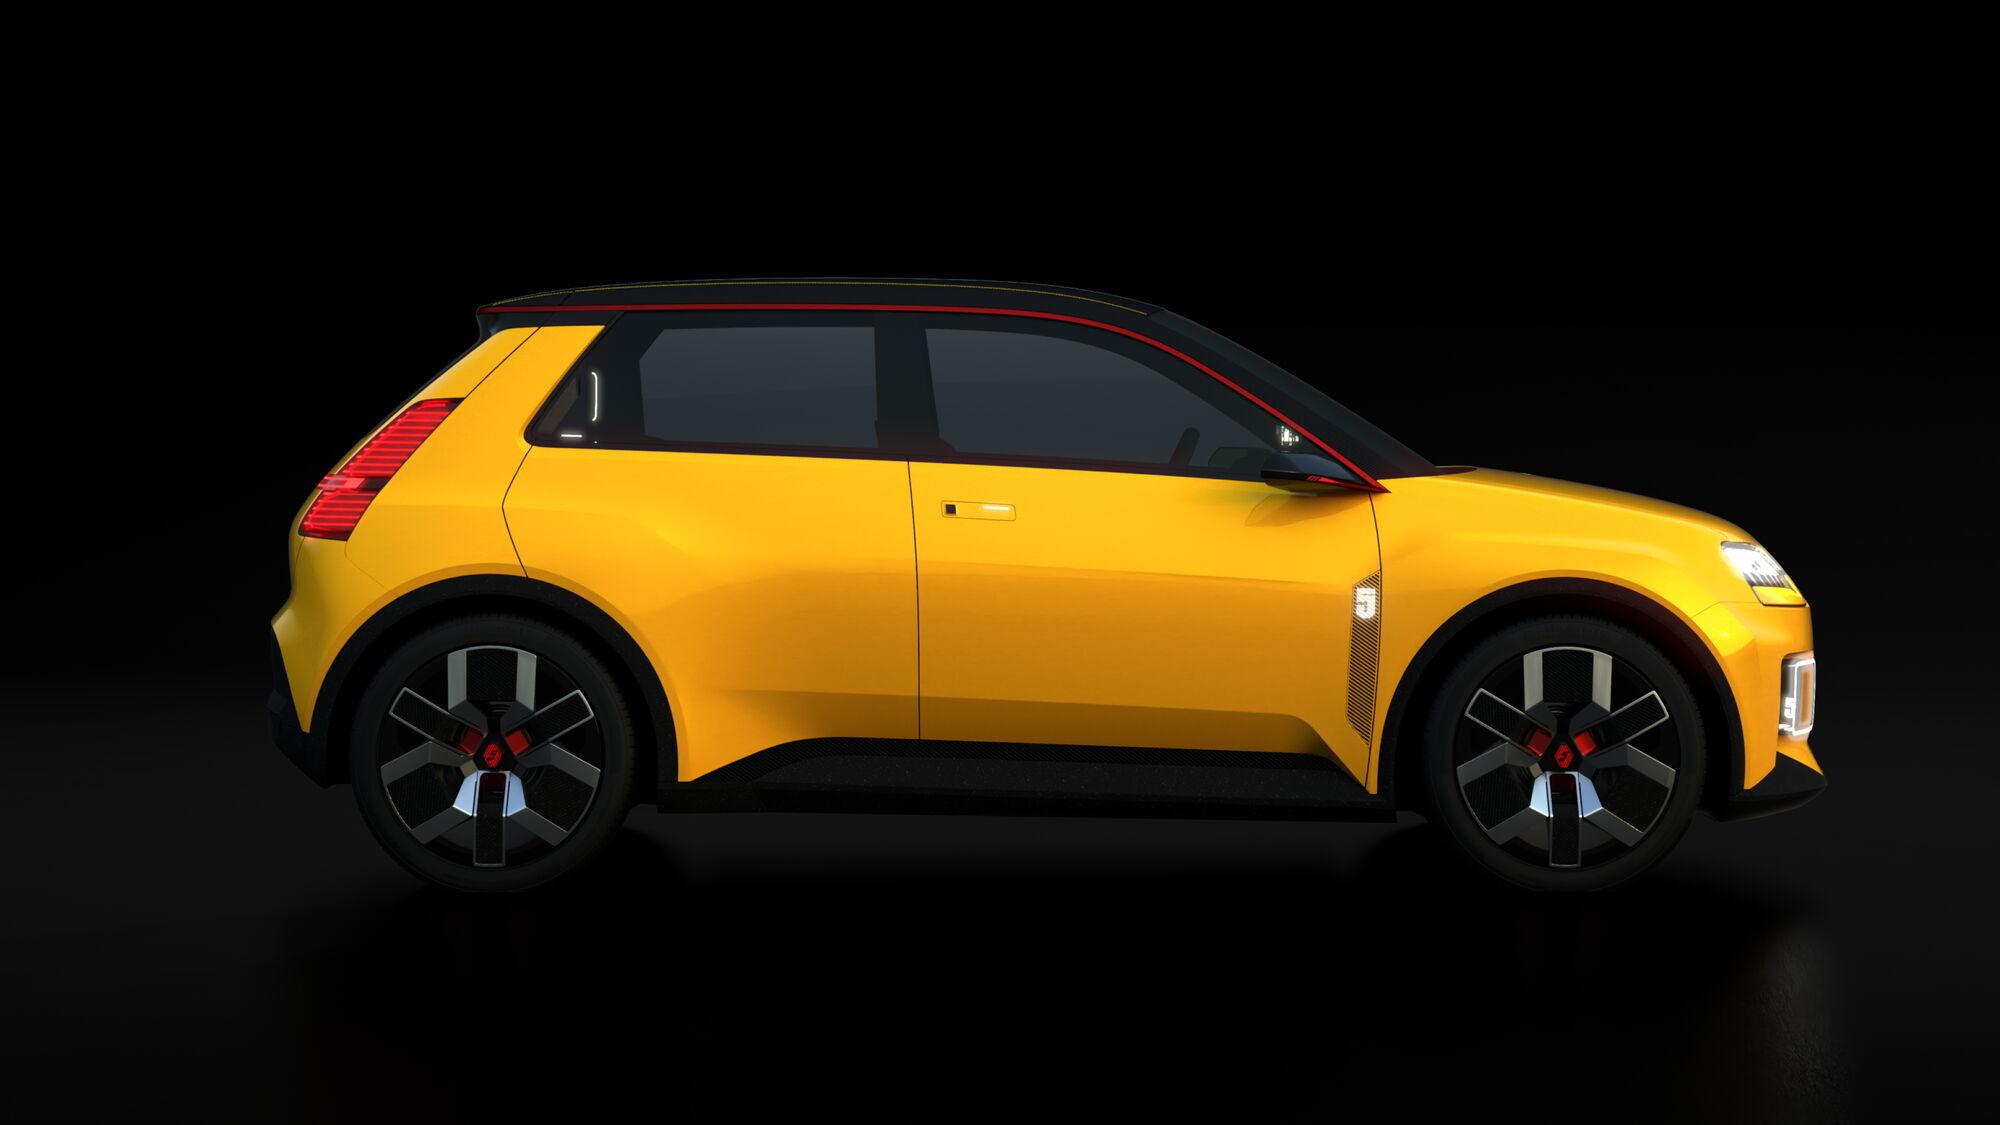 Поклонников исторического наследия марки ожидает реинкарнация сразу двух легендарных моделей прошлого – Renault 5 и Renault 4